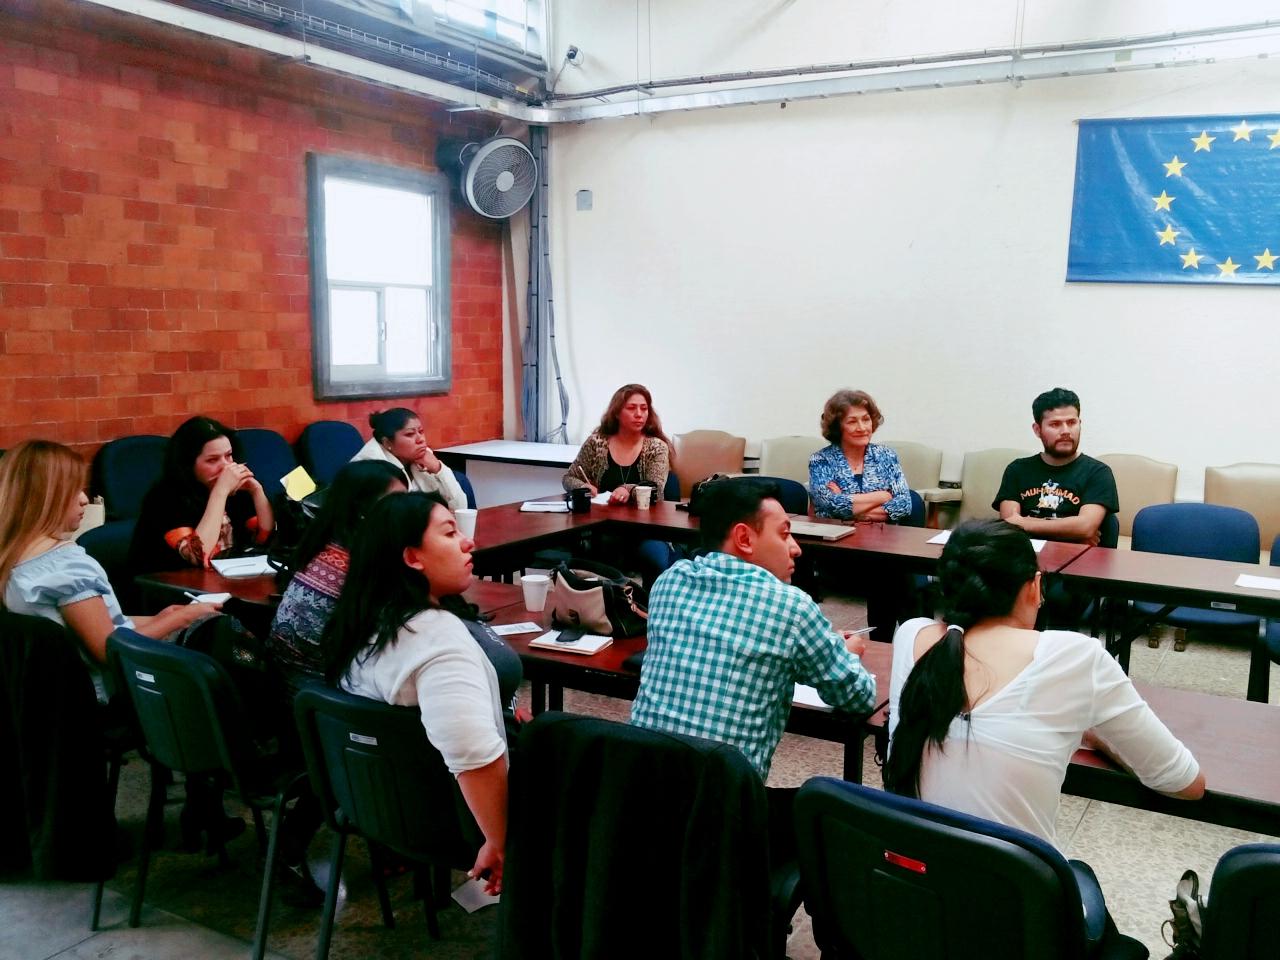 Equipo_de_trabajo_de_Cátedra_Unesco_de__derechos_humanos_con_sede_en_la_FCPyS-UNAM